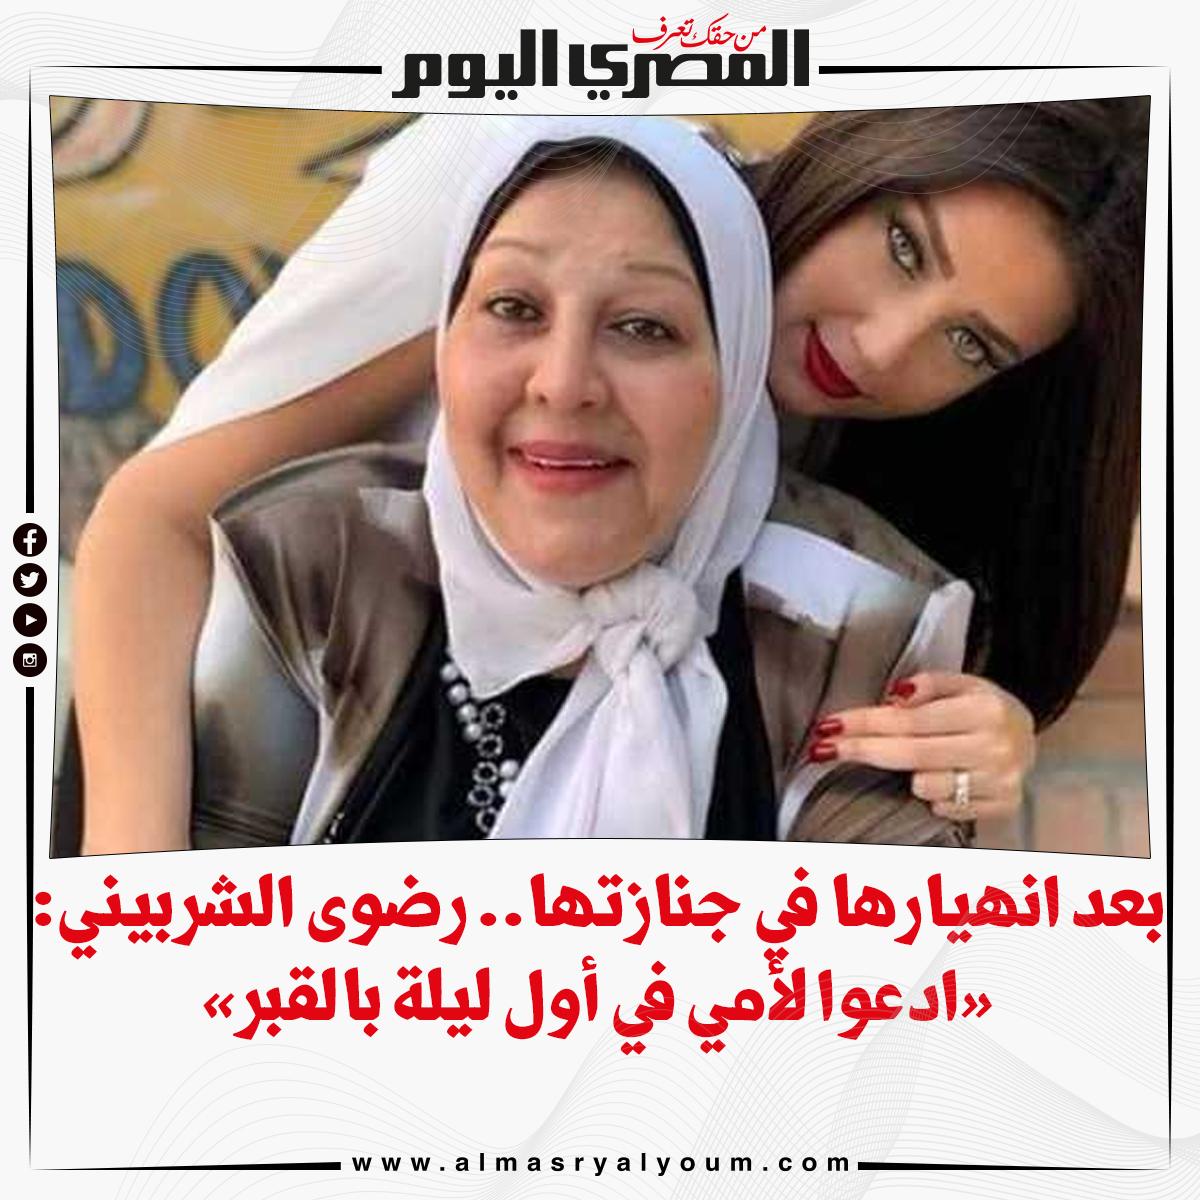 بعد انهيارها في جنازتها.. رضوى الشربيني «ادعوا لأمي في أول ليلة بالقبر»